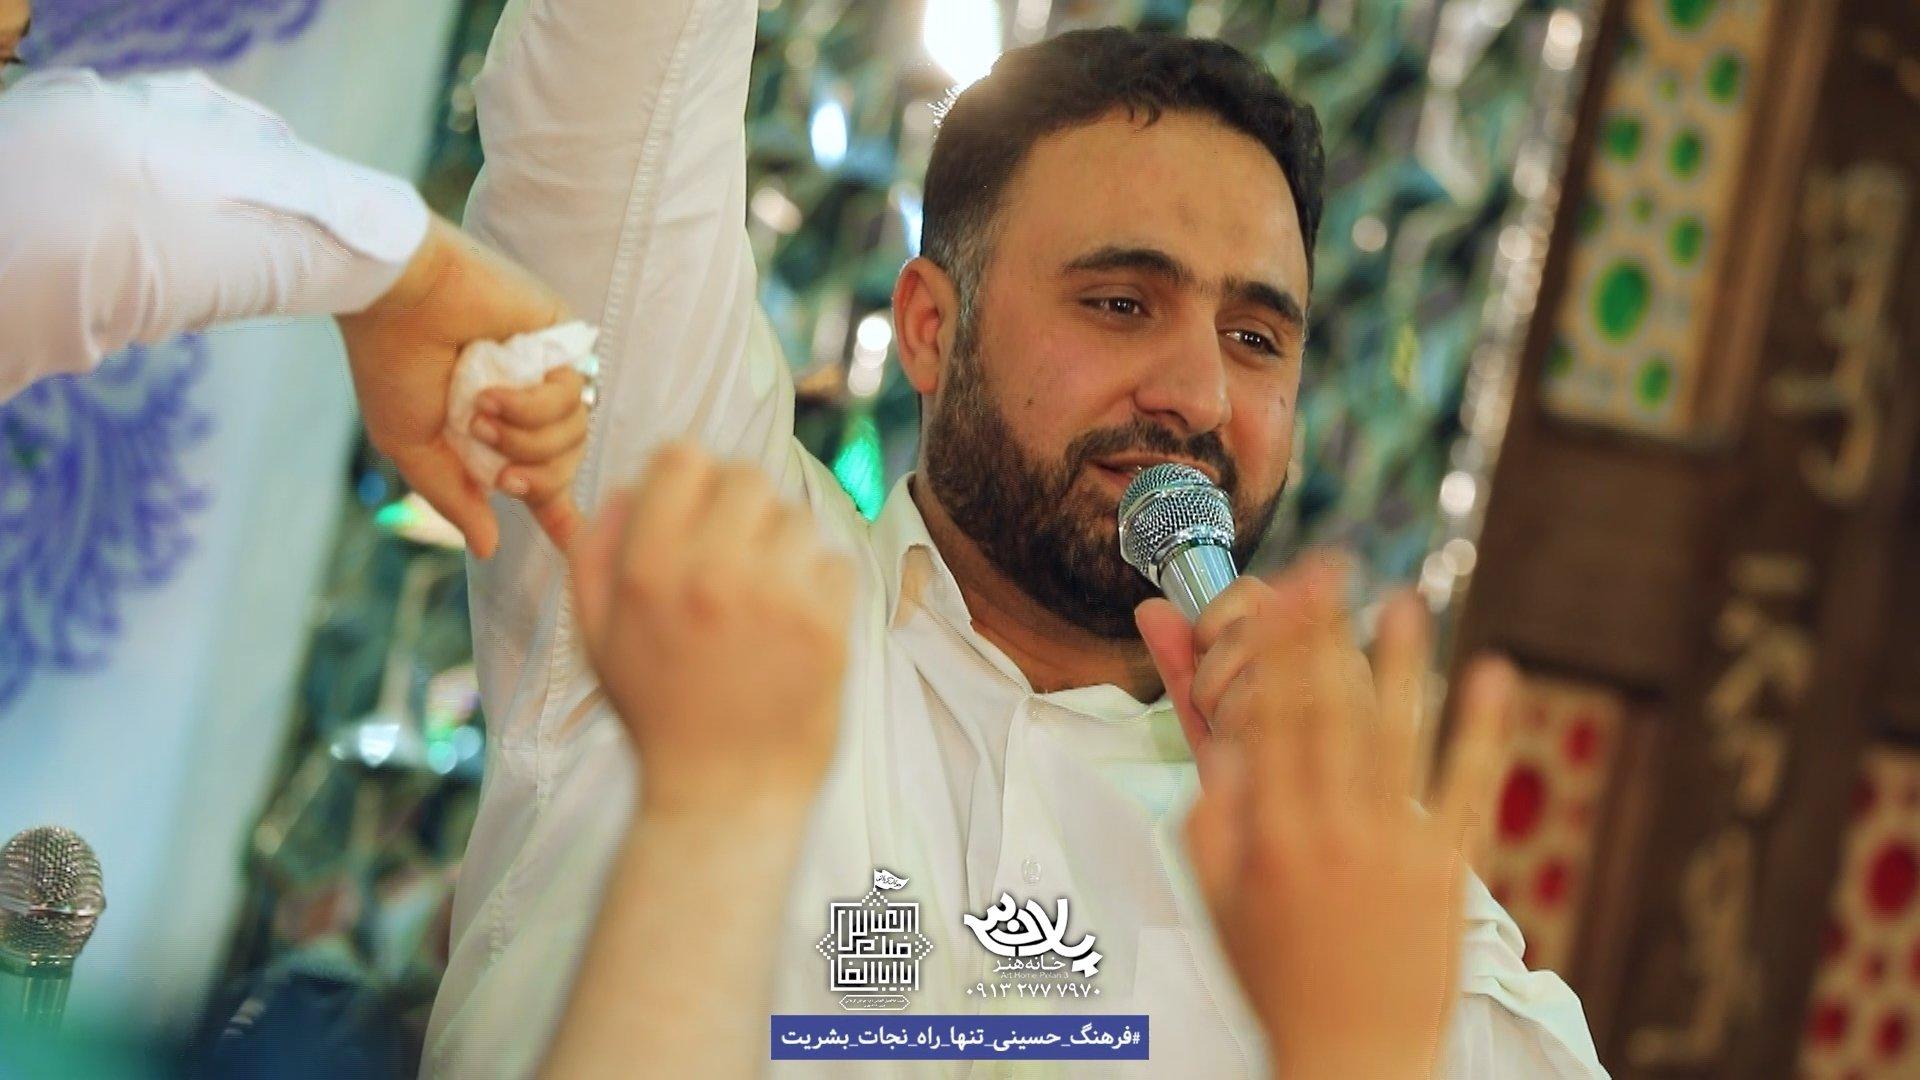 حیدر آقامه ملا محمد فصولی